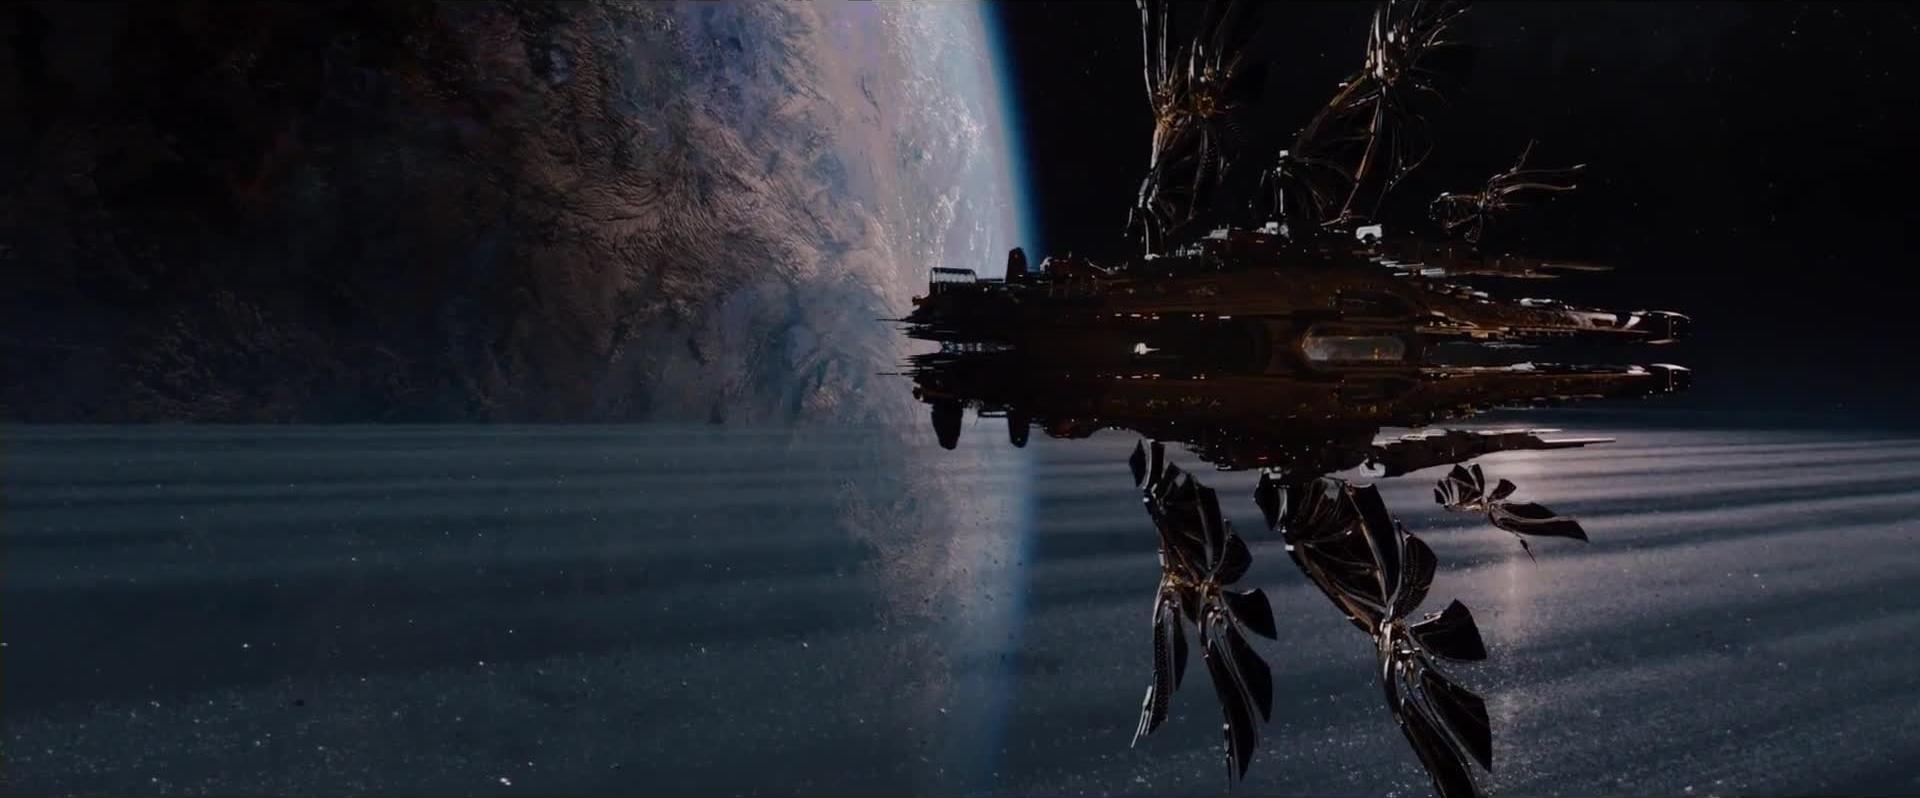 Galerie Jupiter : Le destin de l'Univers 1